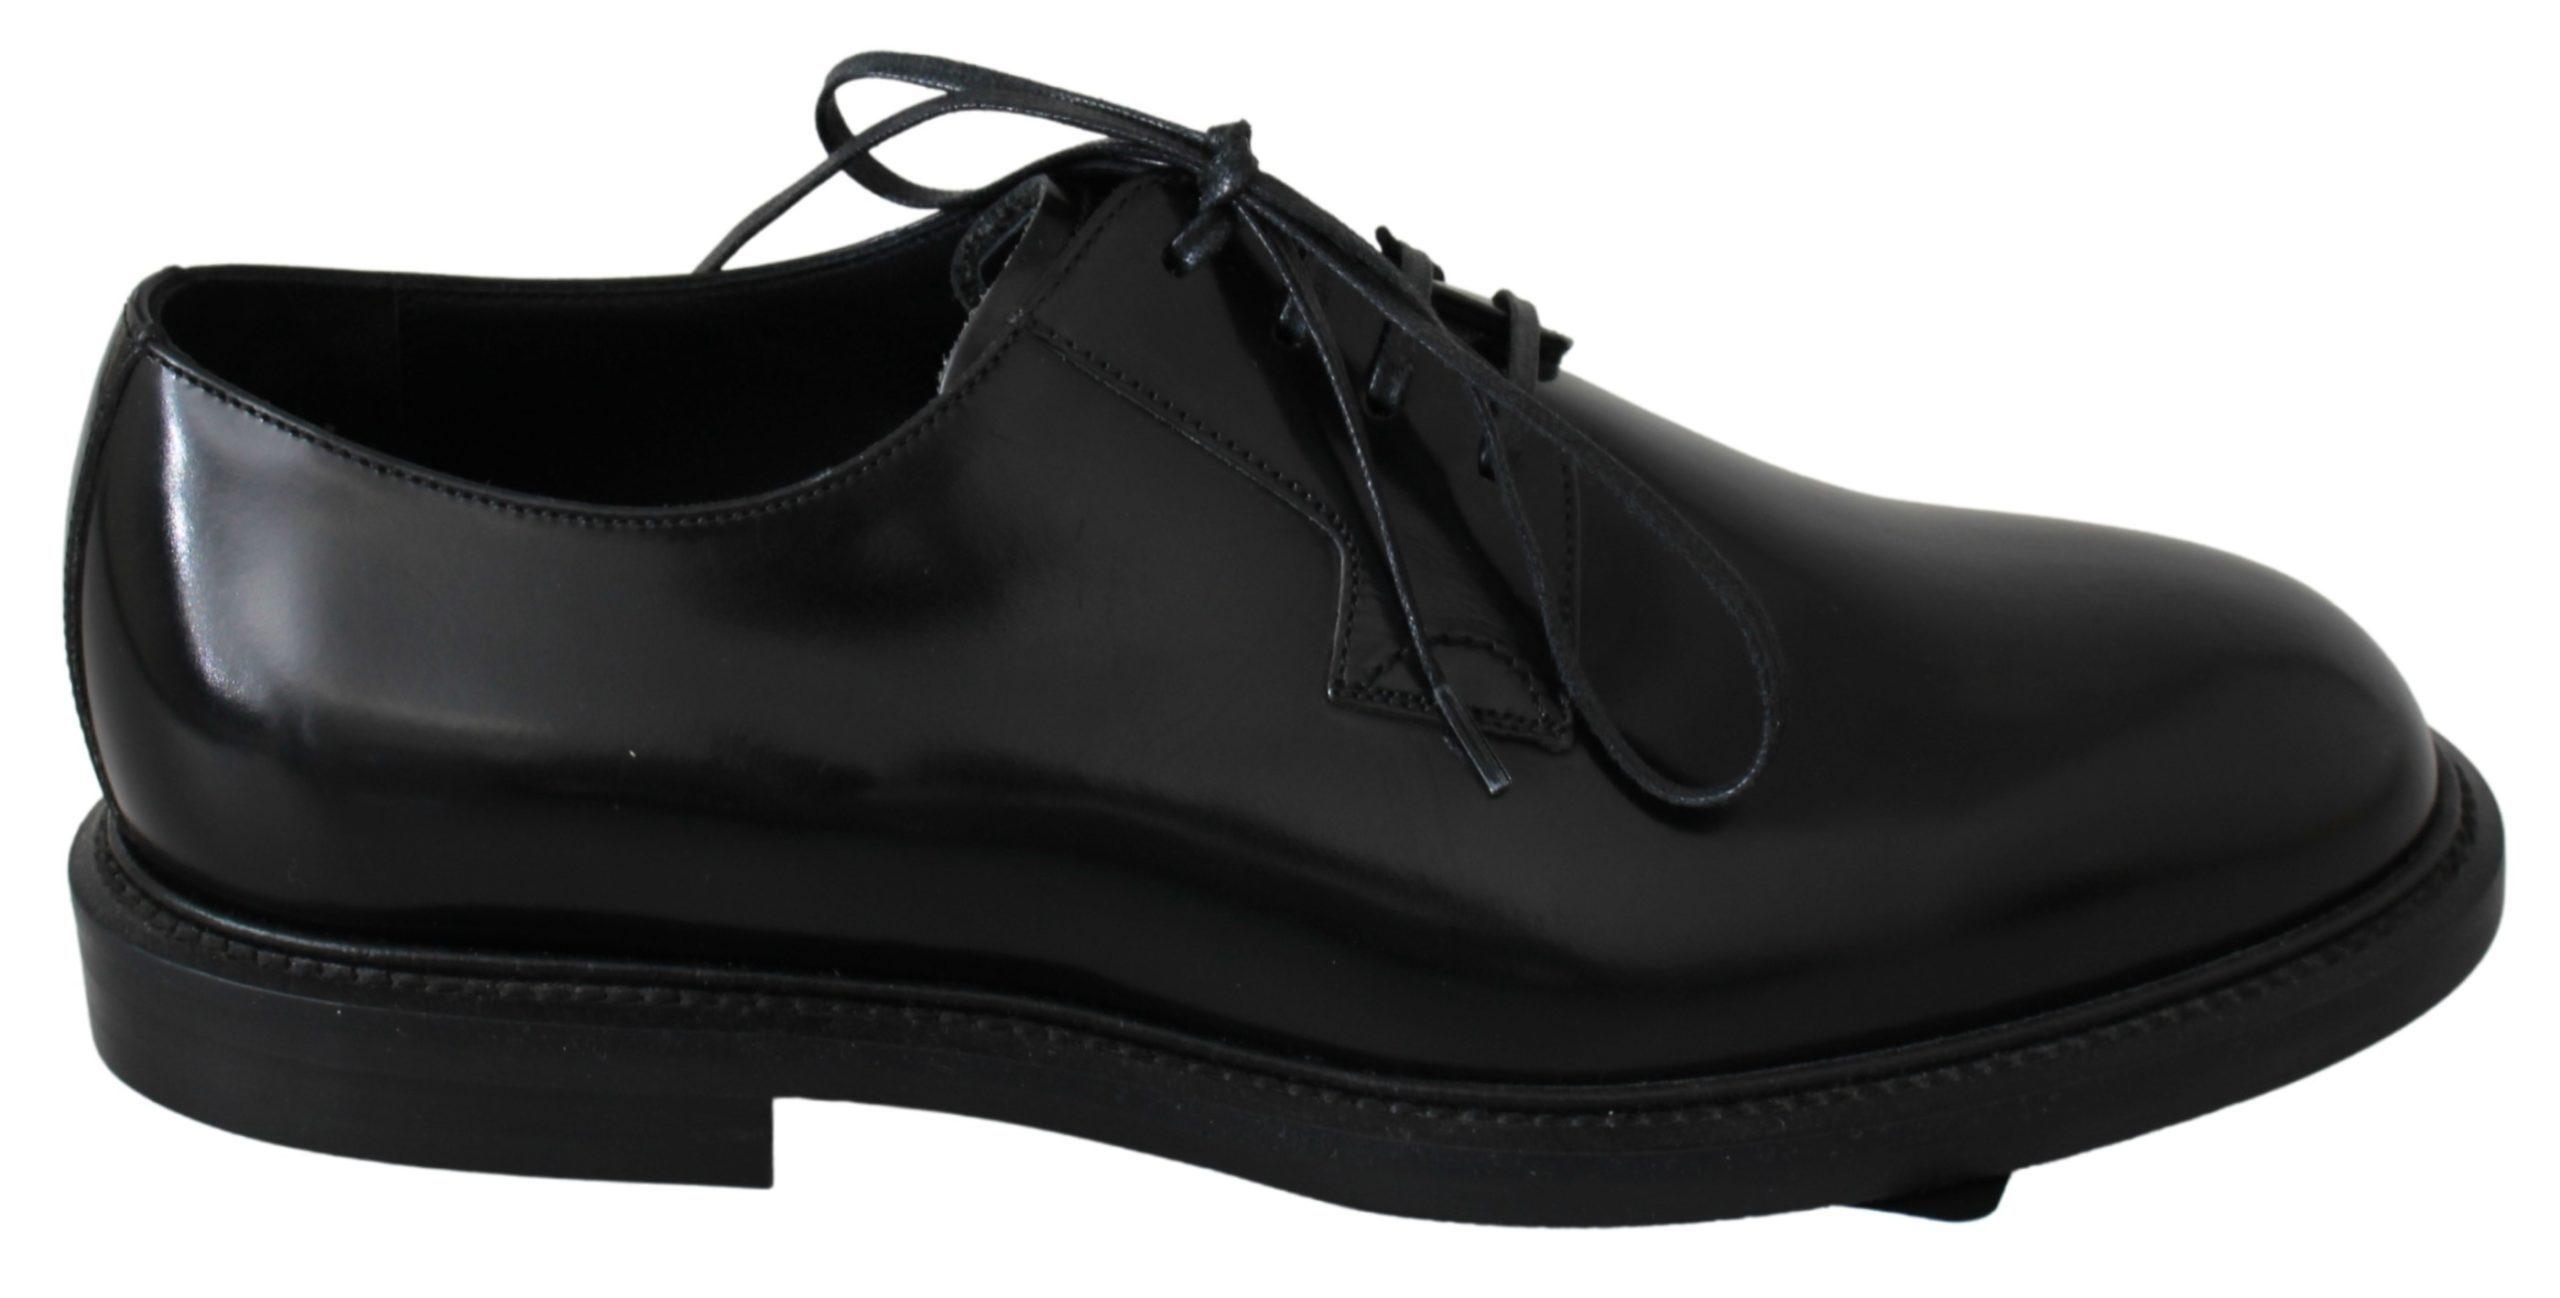 Black Leather Derby Dress Formal Mens Shoes - EU39/US6